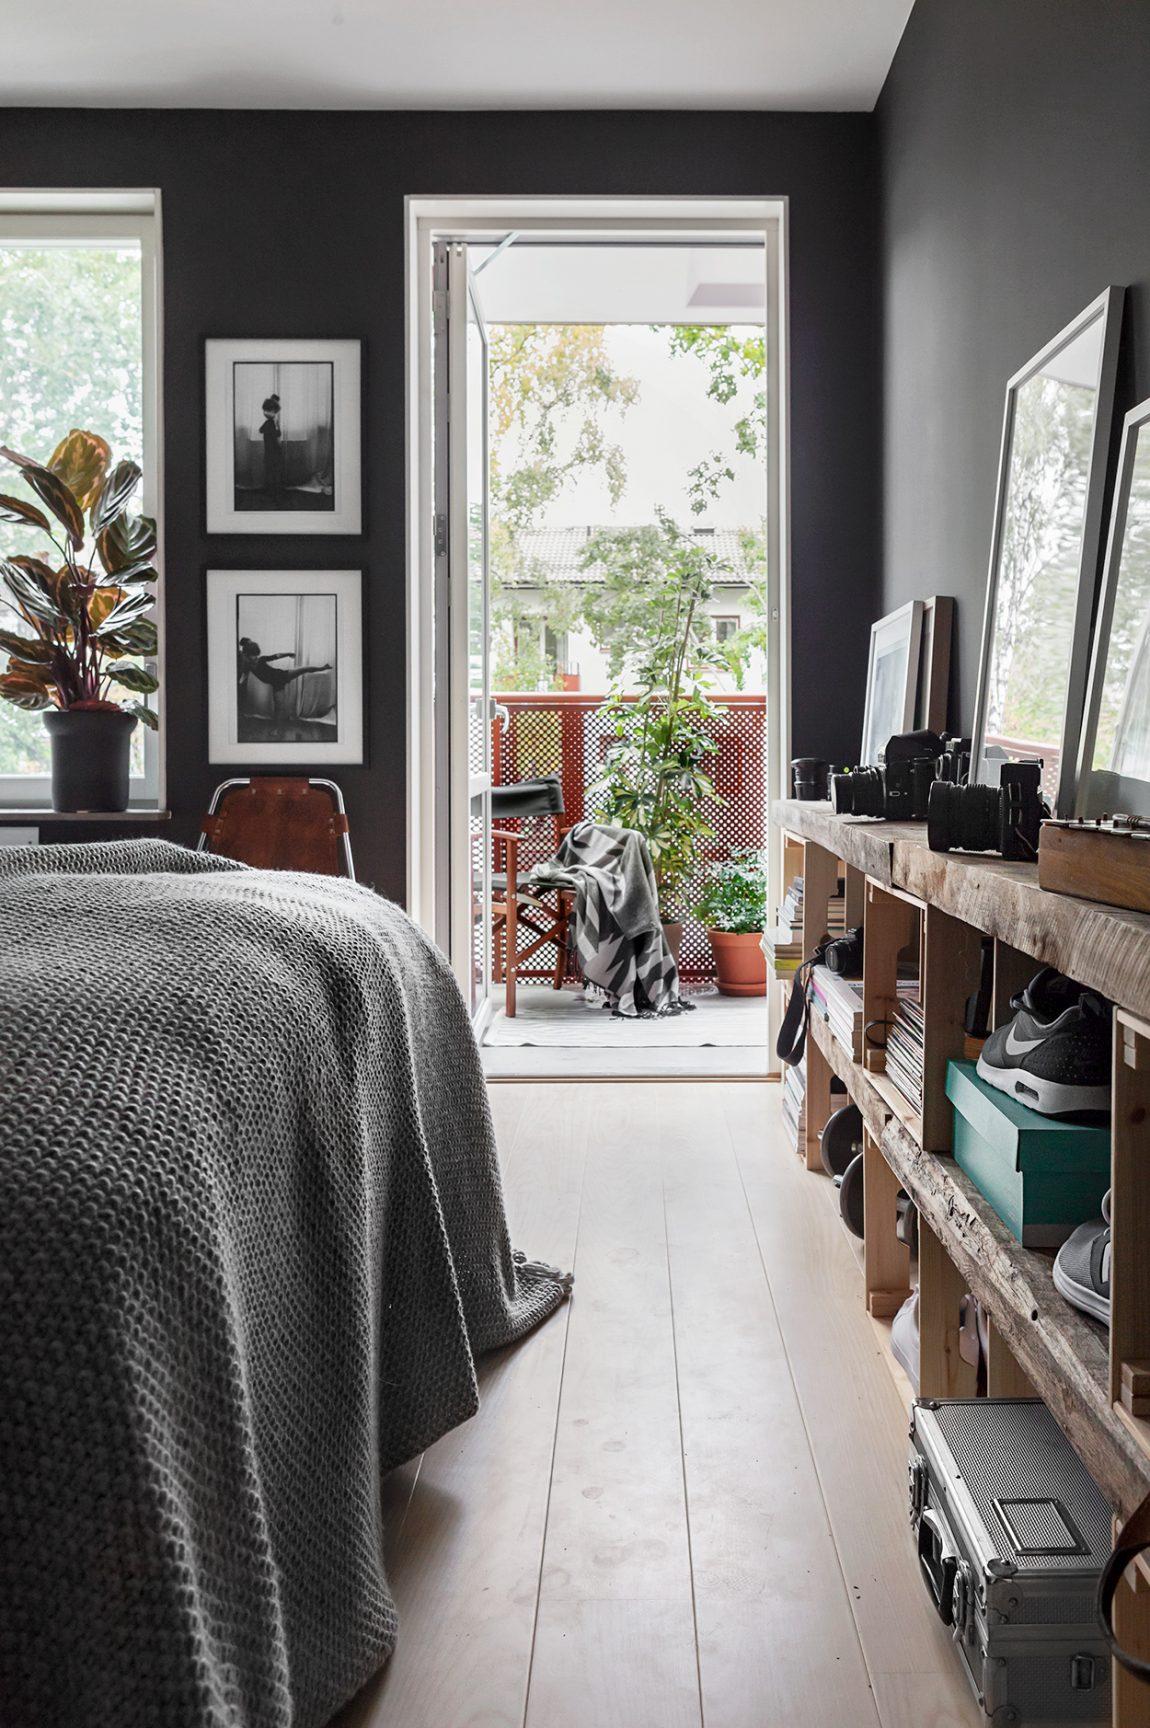 Slaapkamer met zwarte muren